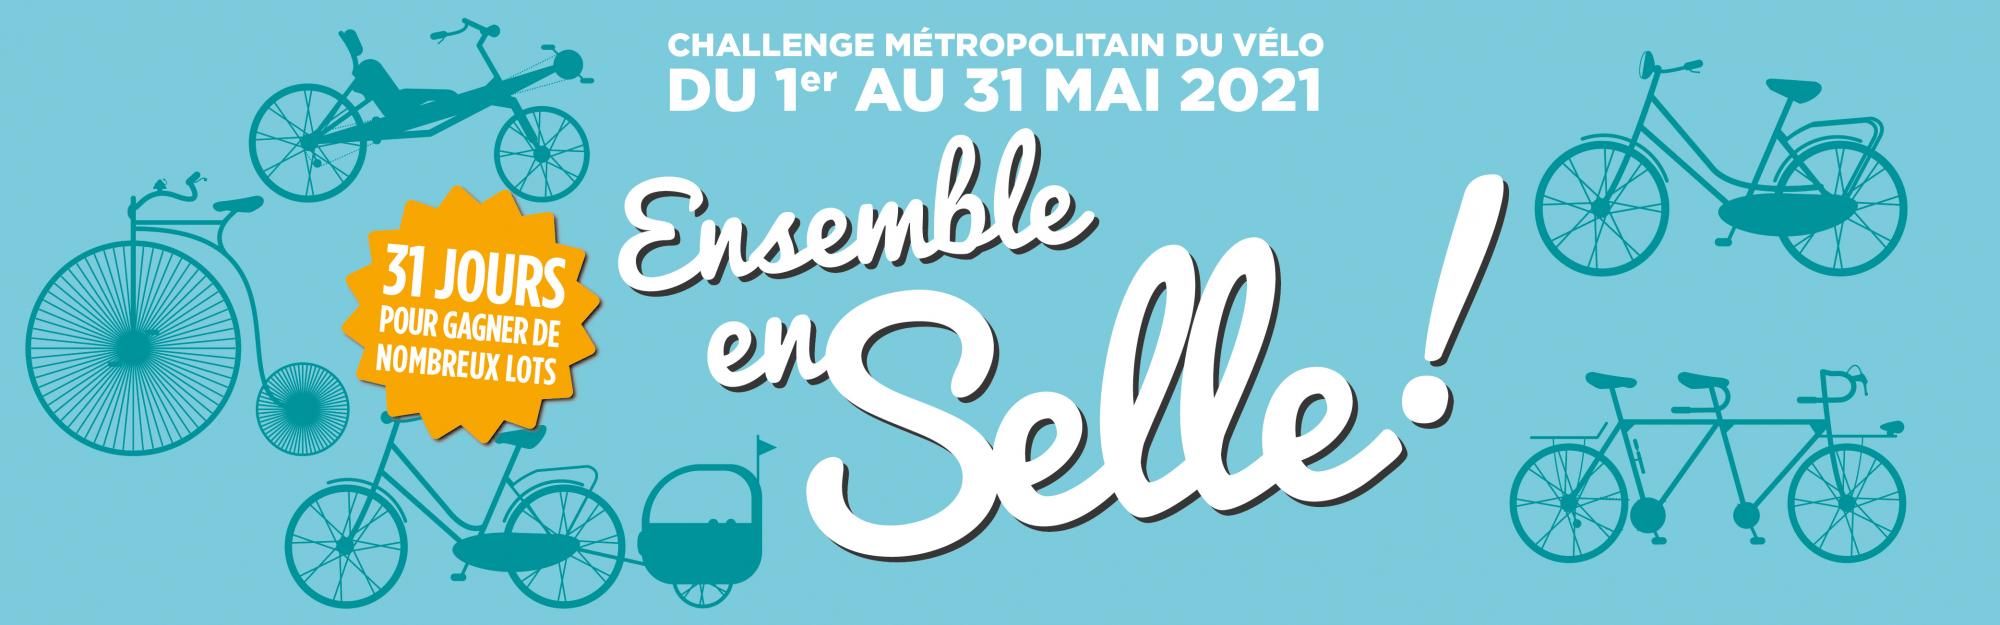 Challenge Métropolitain du Vélo 2021